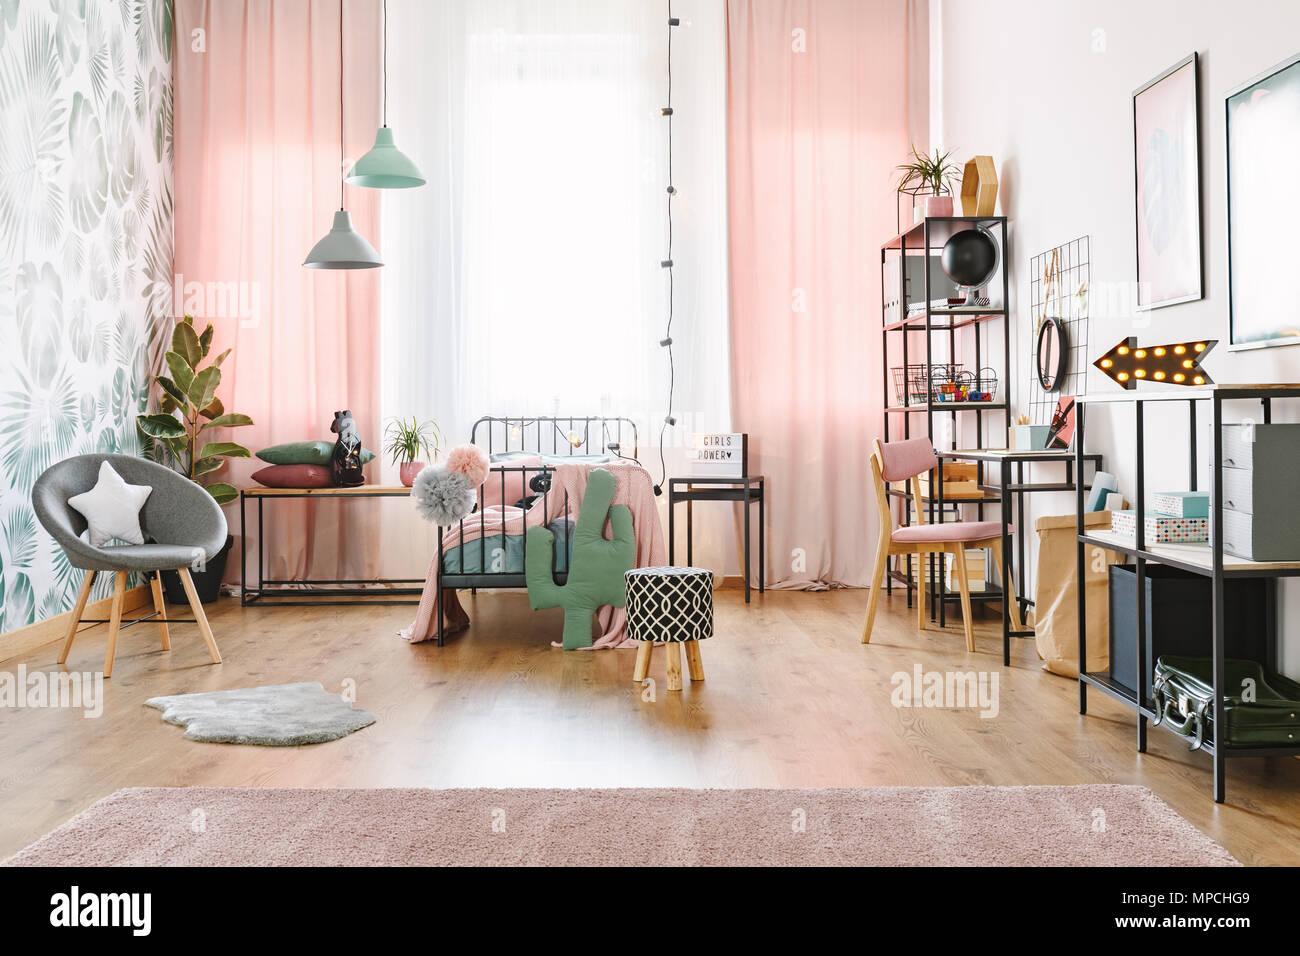 Rosa Mädchen Zimmer Mit Einem Einzelbett, Regale, Grau Sessel Und Cactus  Geformte Kissen